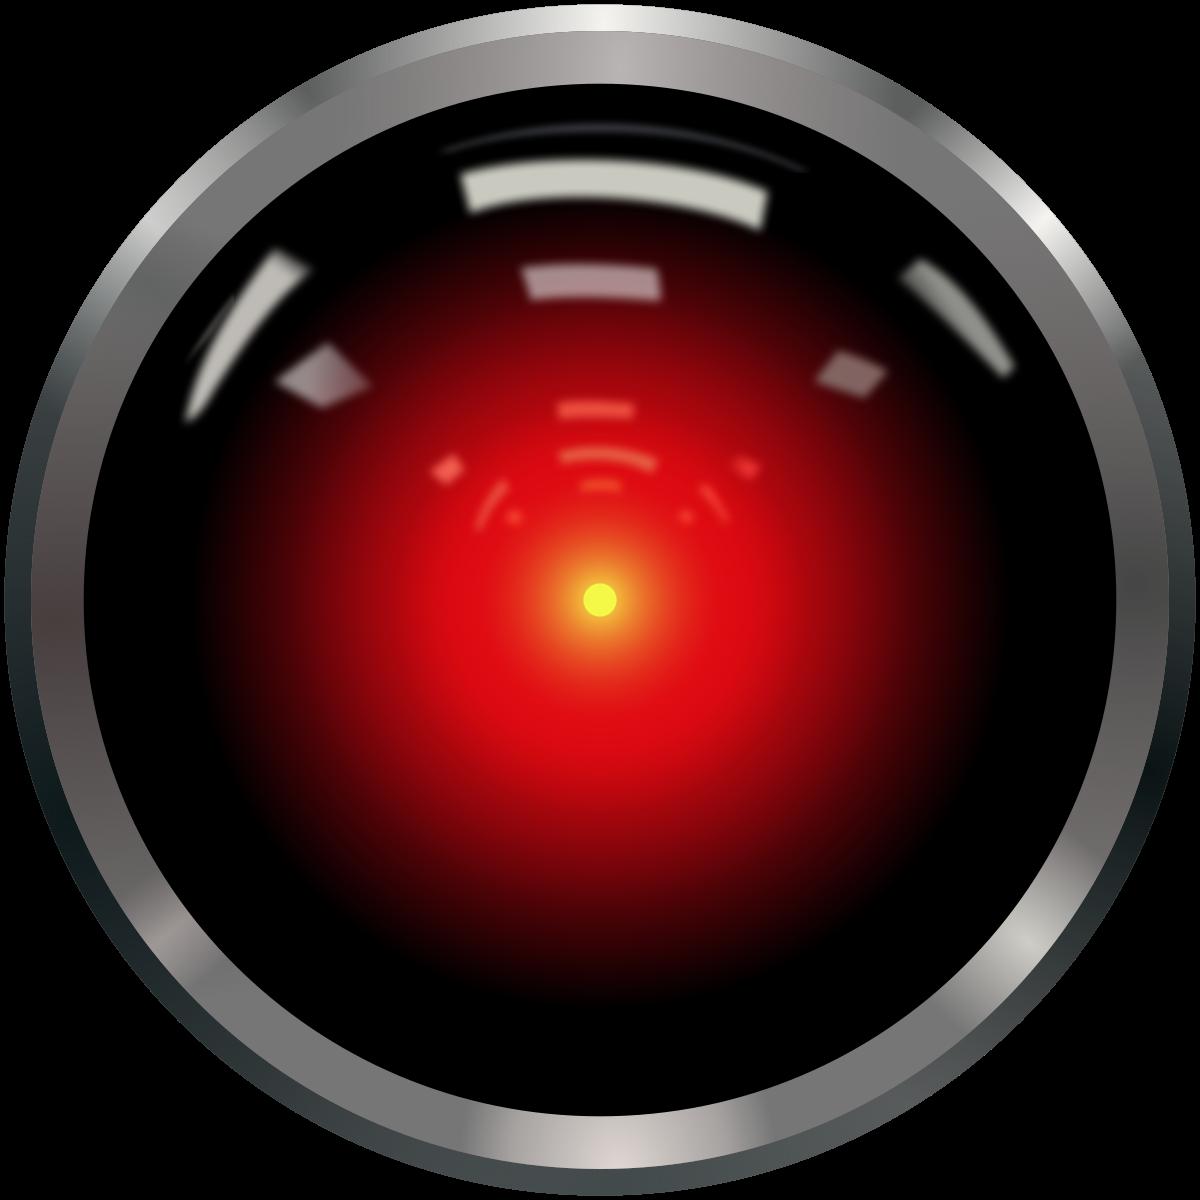 HAL9000 - C'est magnifique!